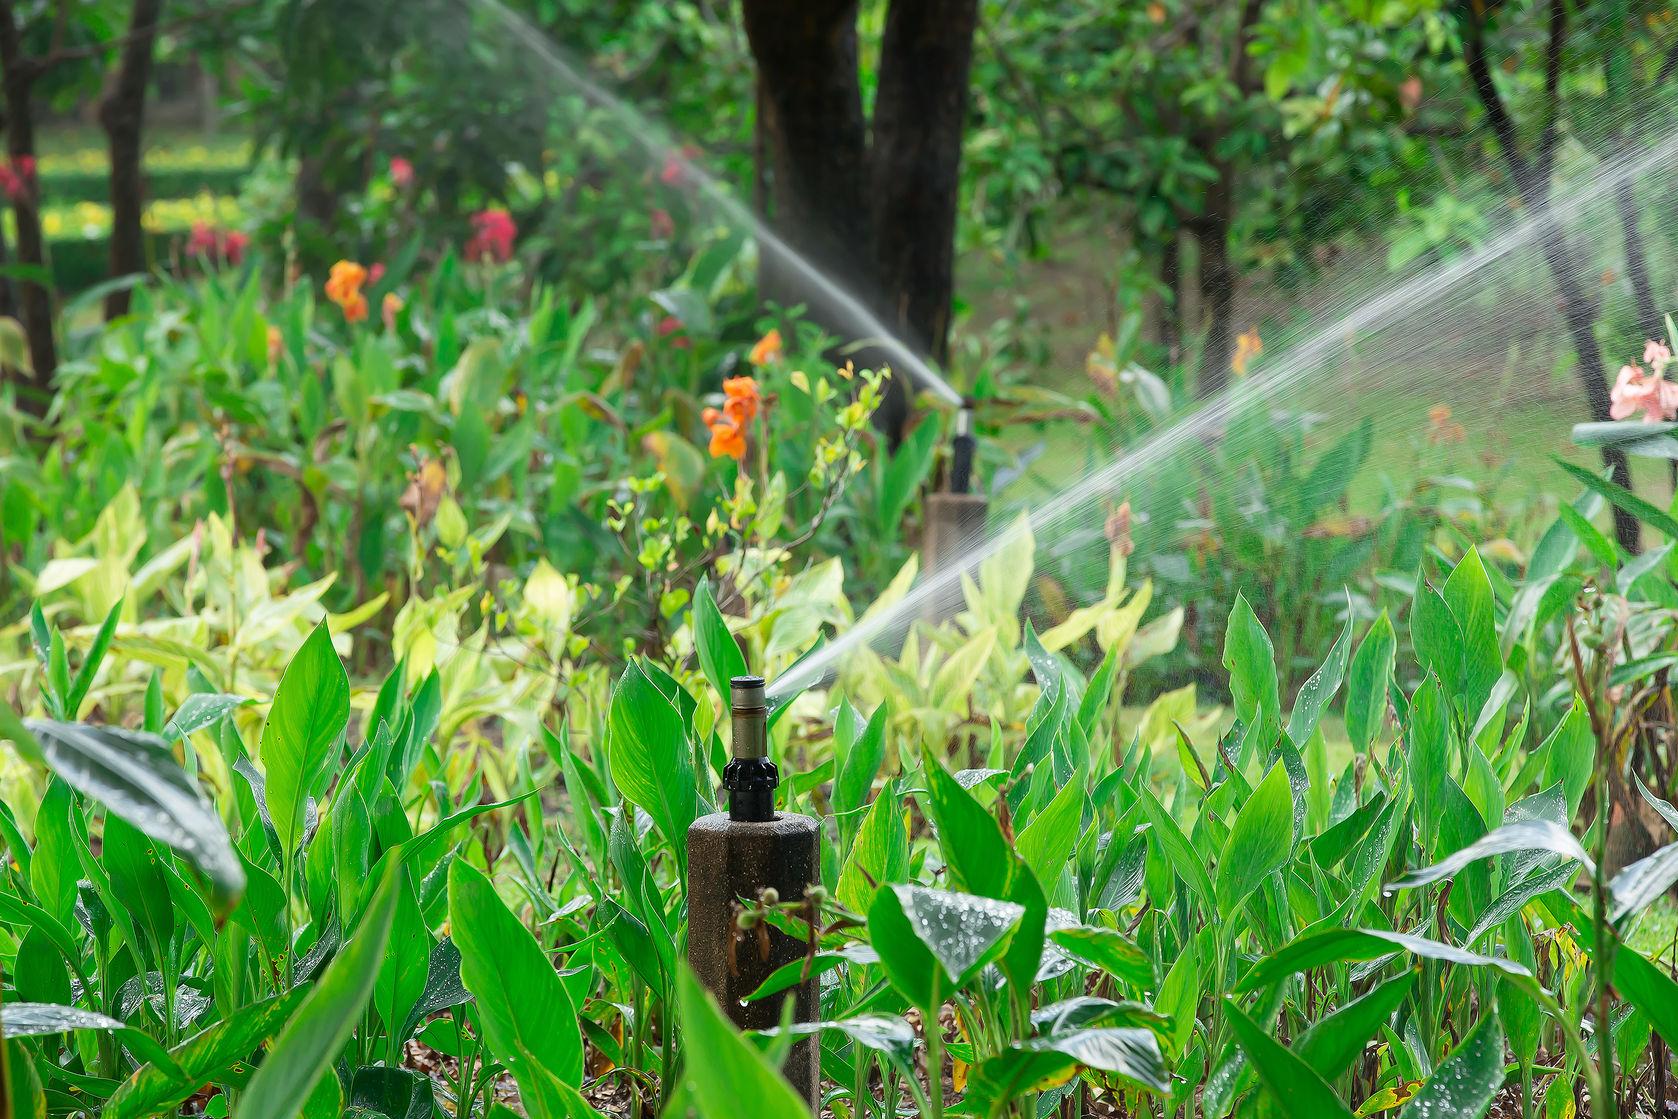 water sprinkler system